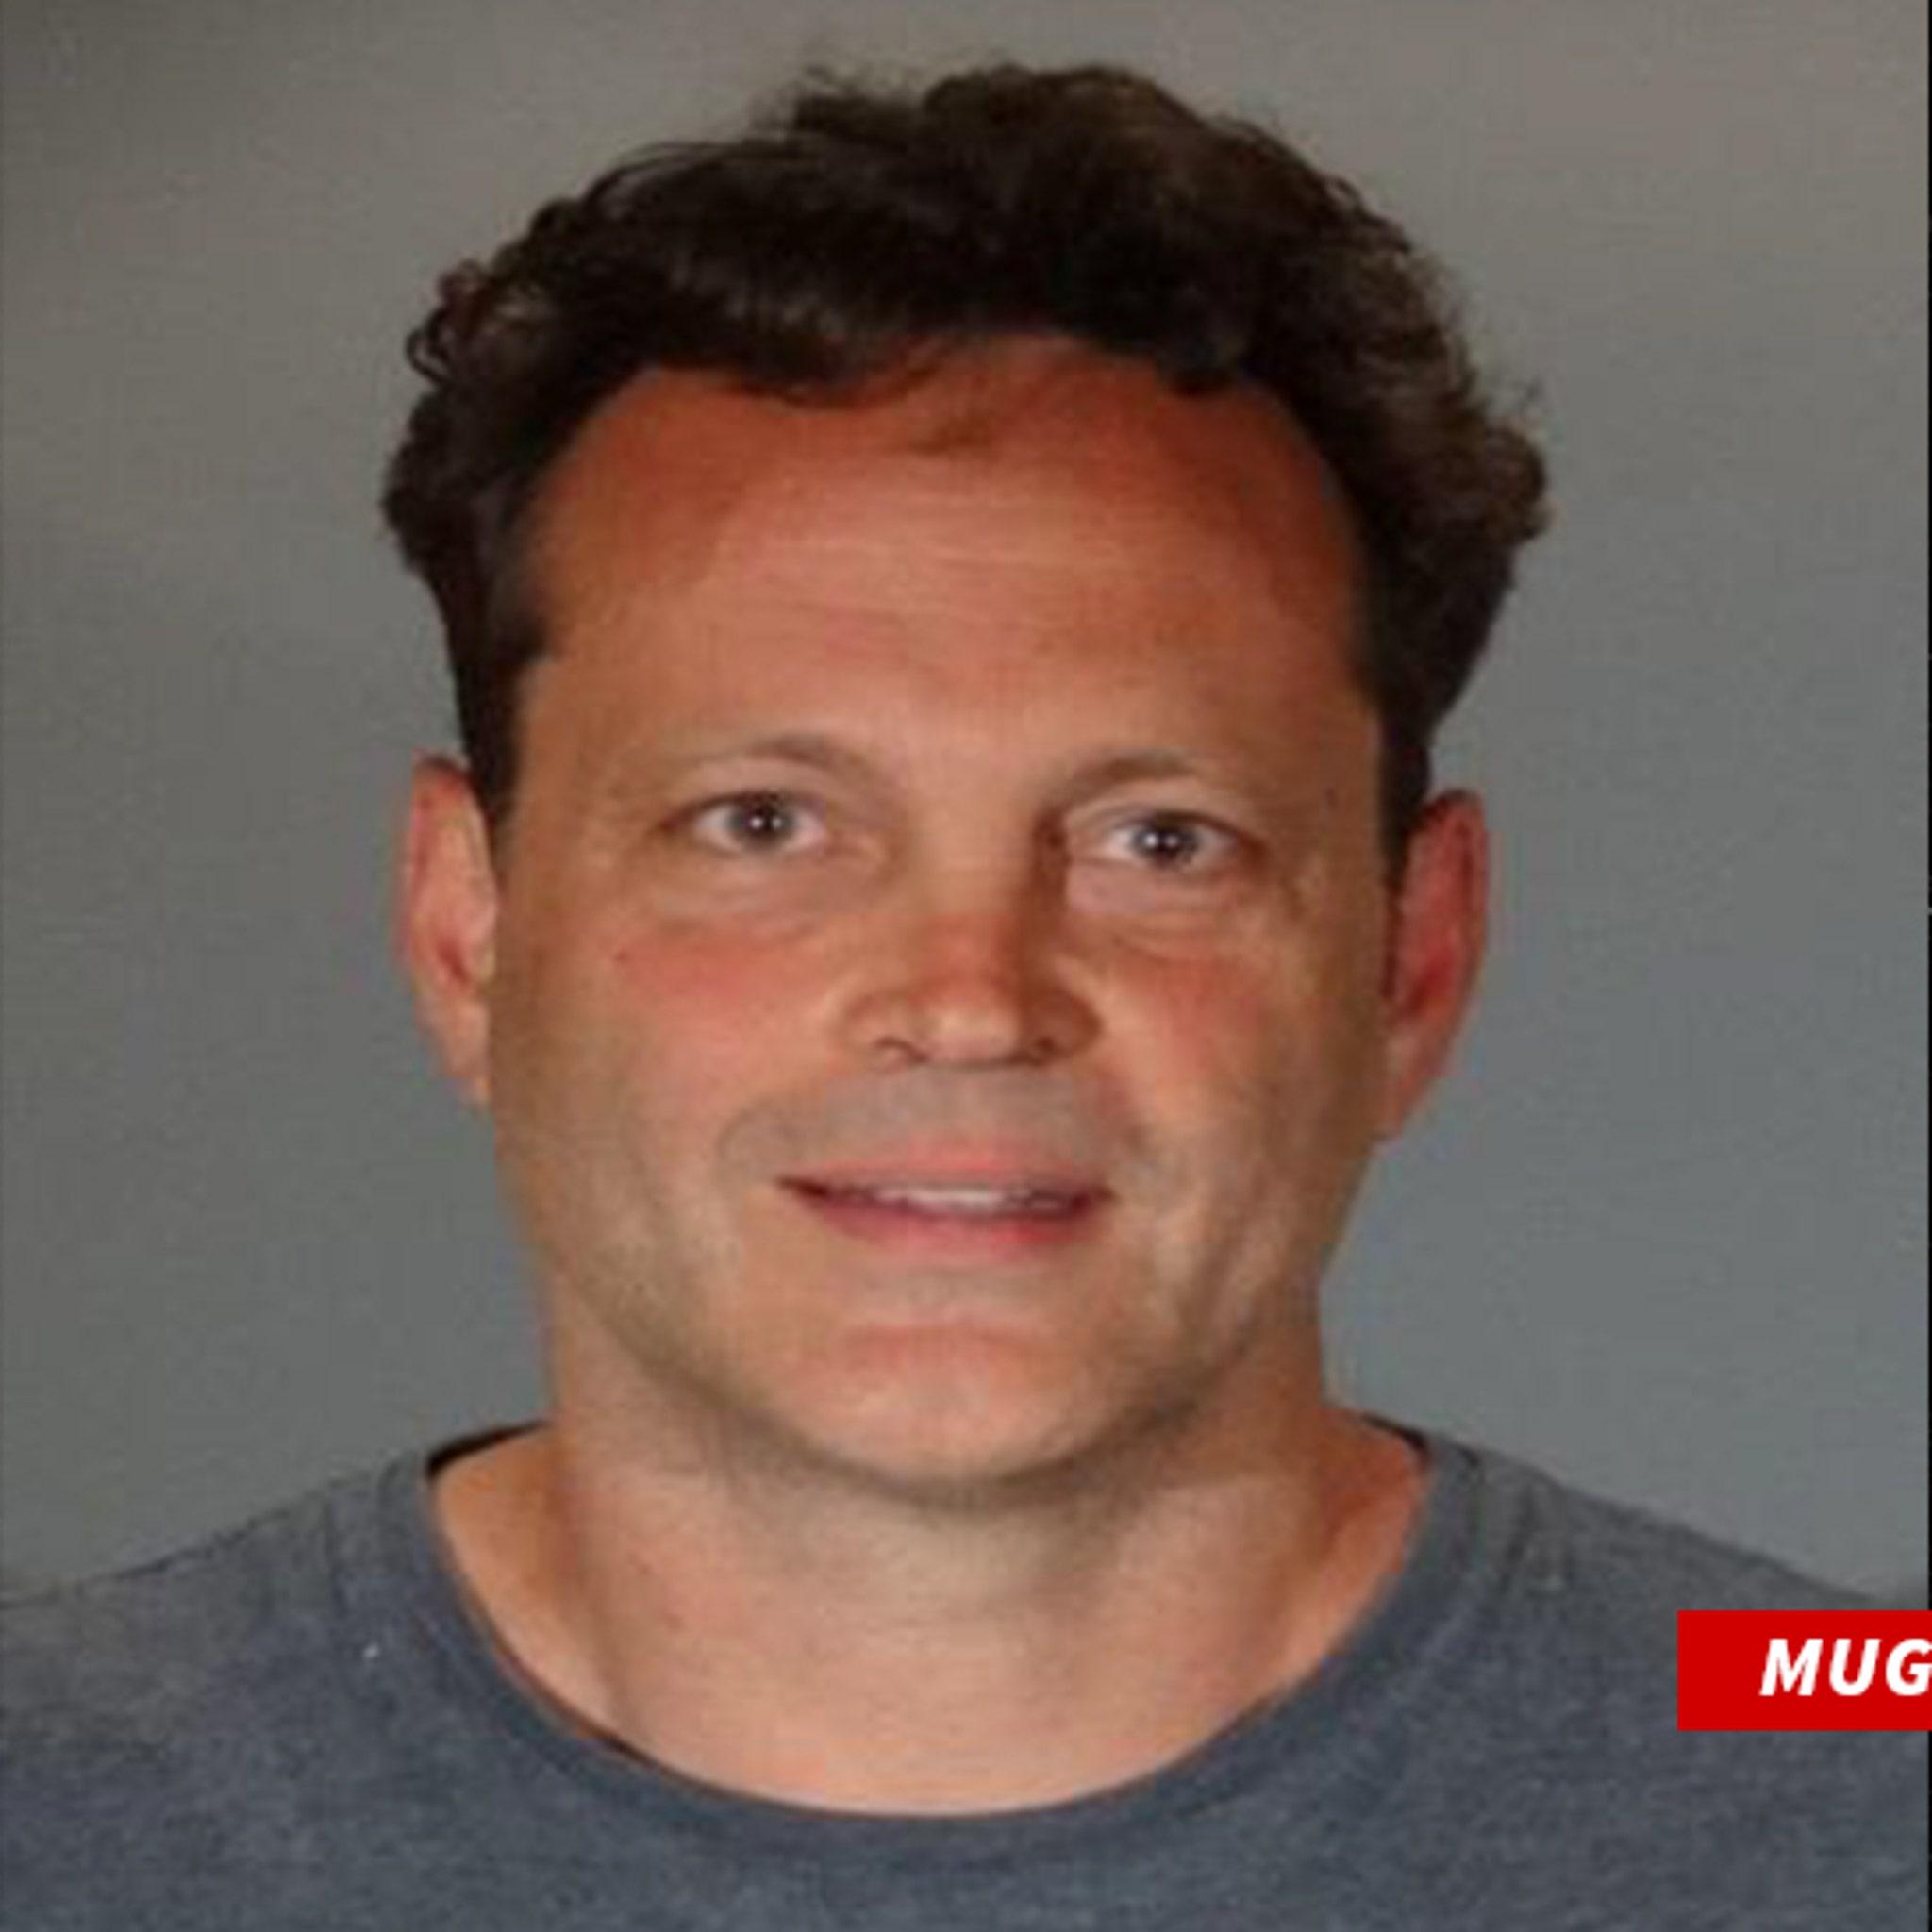 Vince Vaughn Arrested for DUI, Mug Shot Released